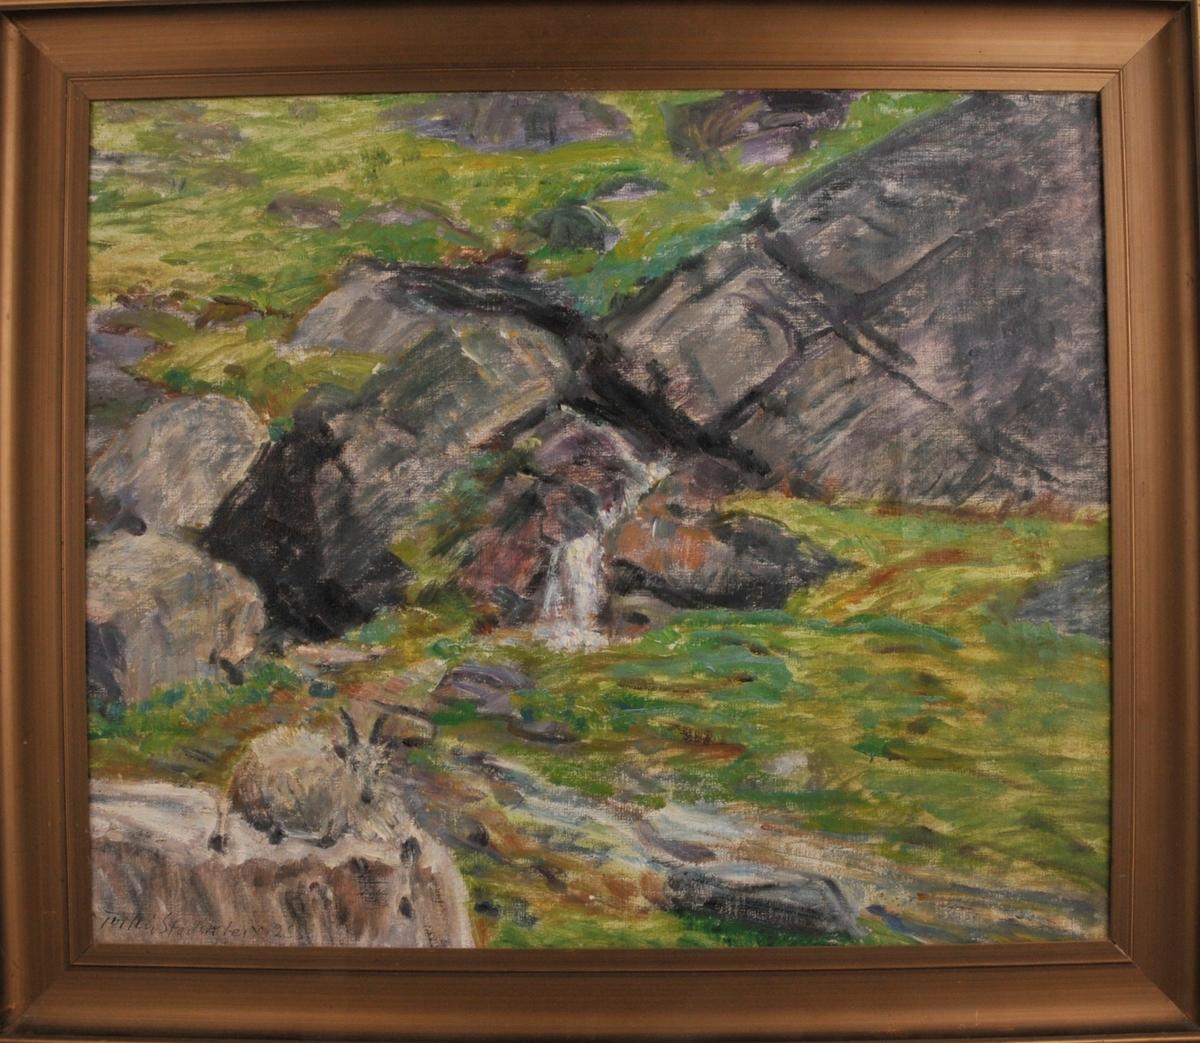 Frå Lifjell. Landskap i grønt og grått, fjellknausar og ei geit, nærbilete.